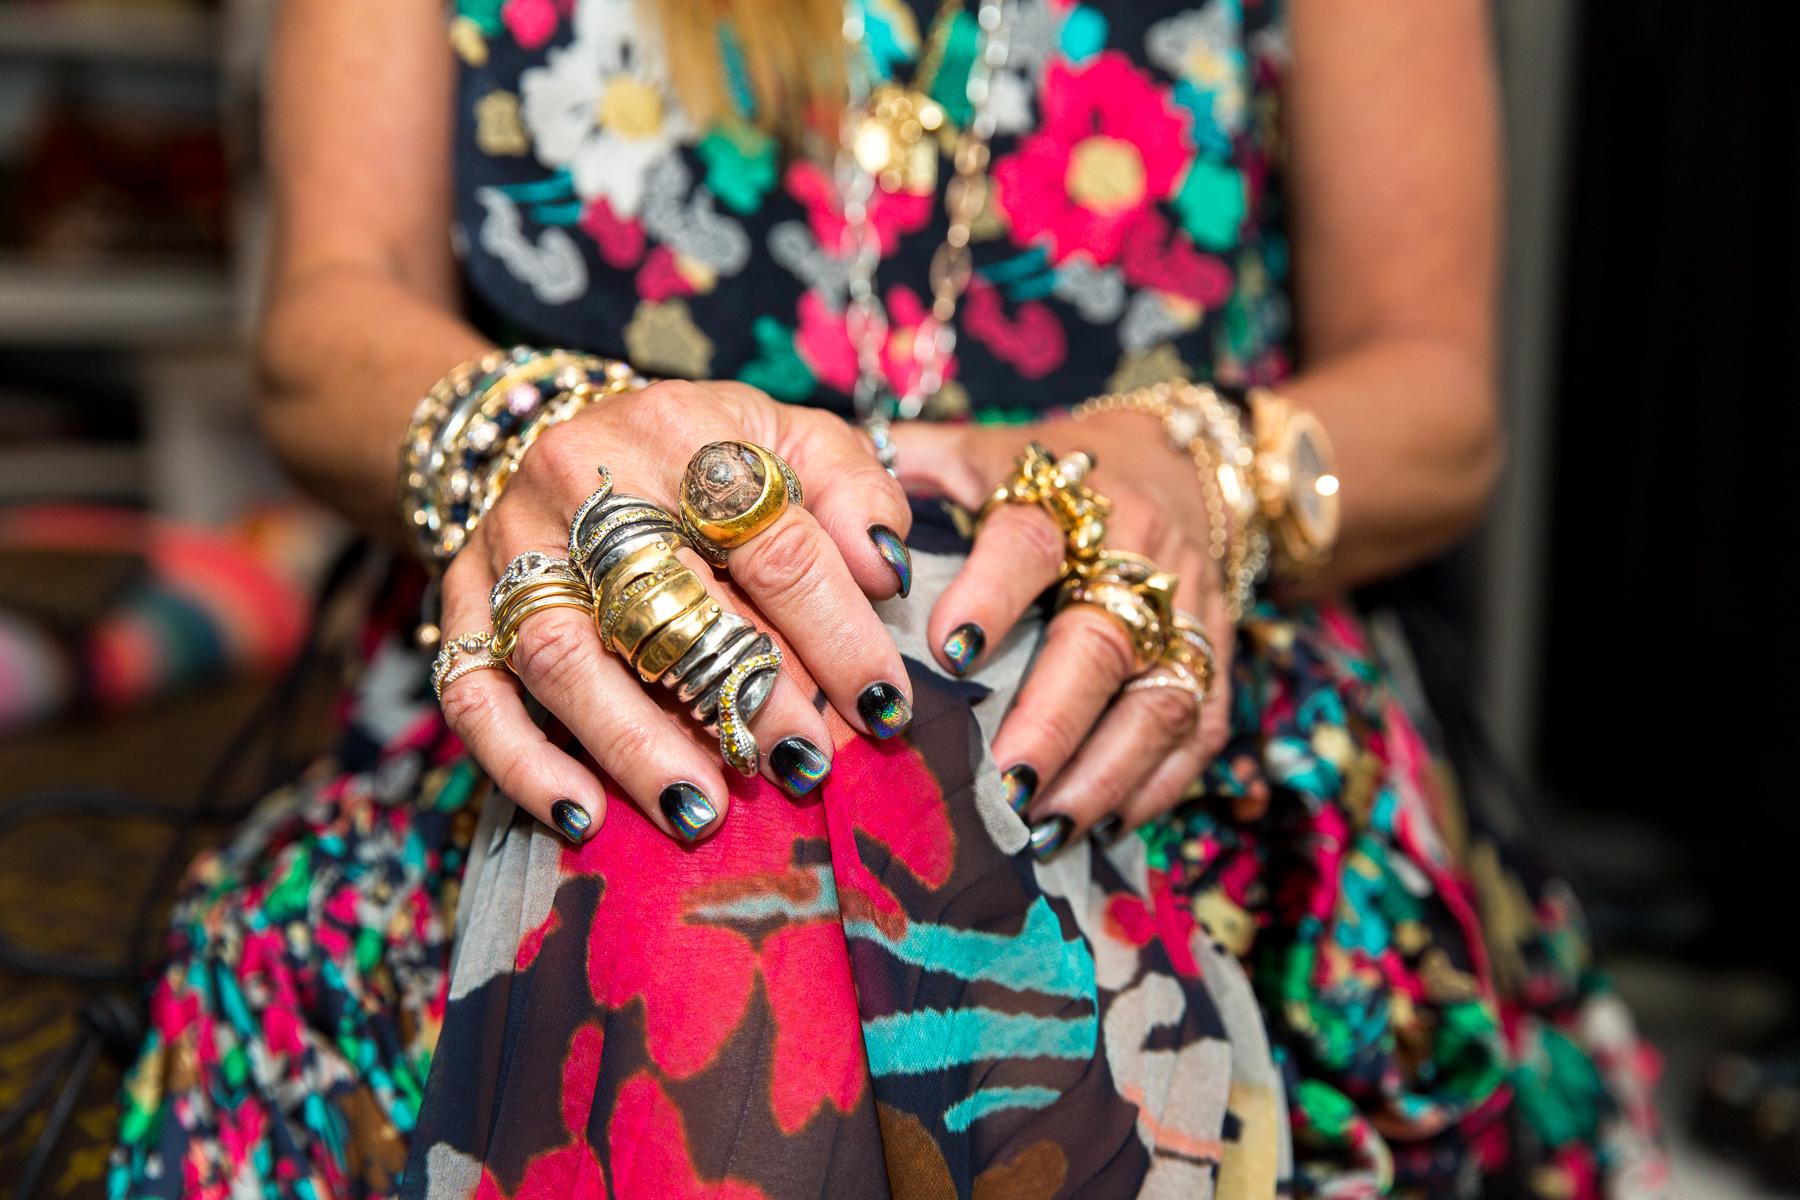 Striking jewels - inside Lori Hirshleifer's jewellery box